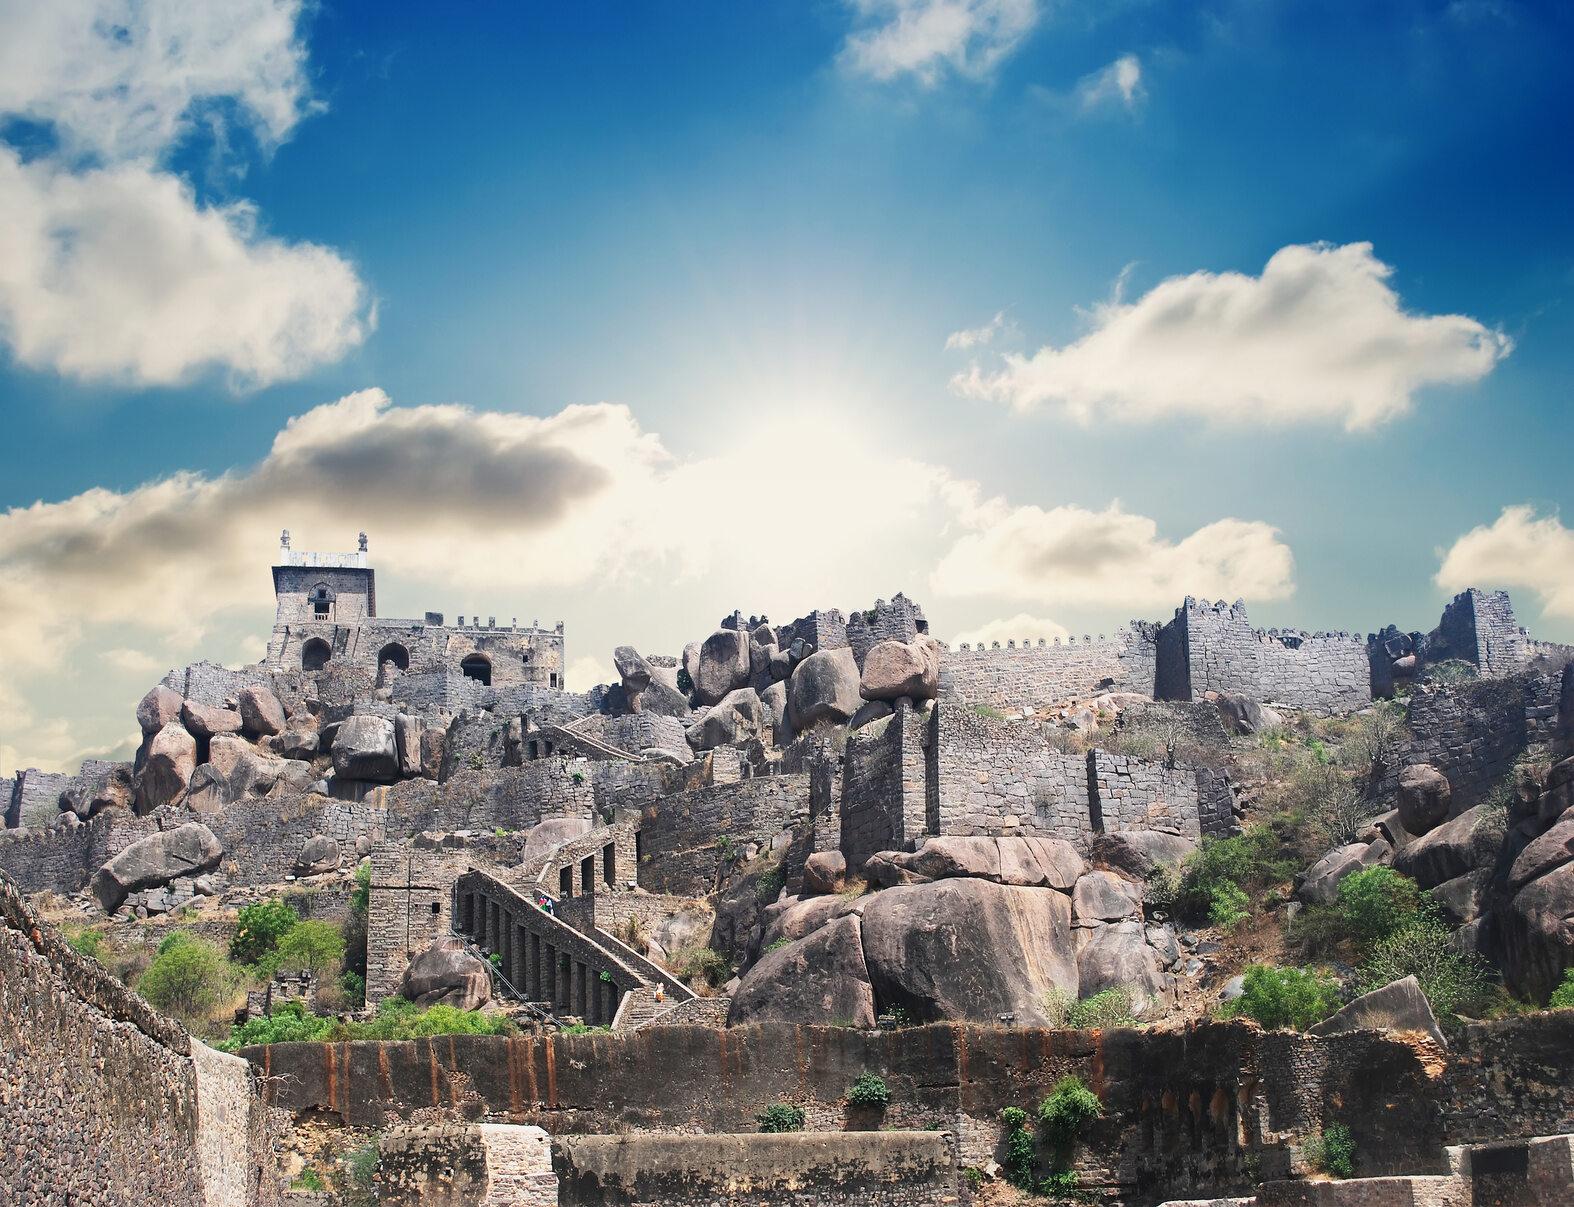 Golkonda, Indie XVI-wieczny zamek przez lata był siedzibą dynastii Qutb Shahi. Popadł w ruinę w 1687 roku po długim oblężeniu i znacznych zniszczeniach.